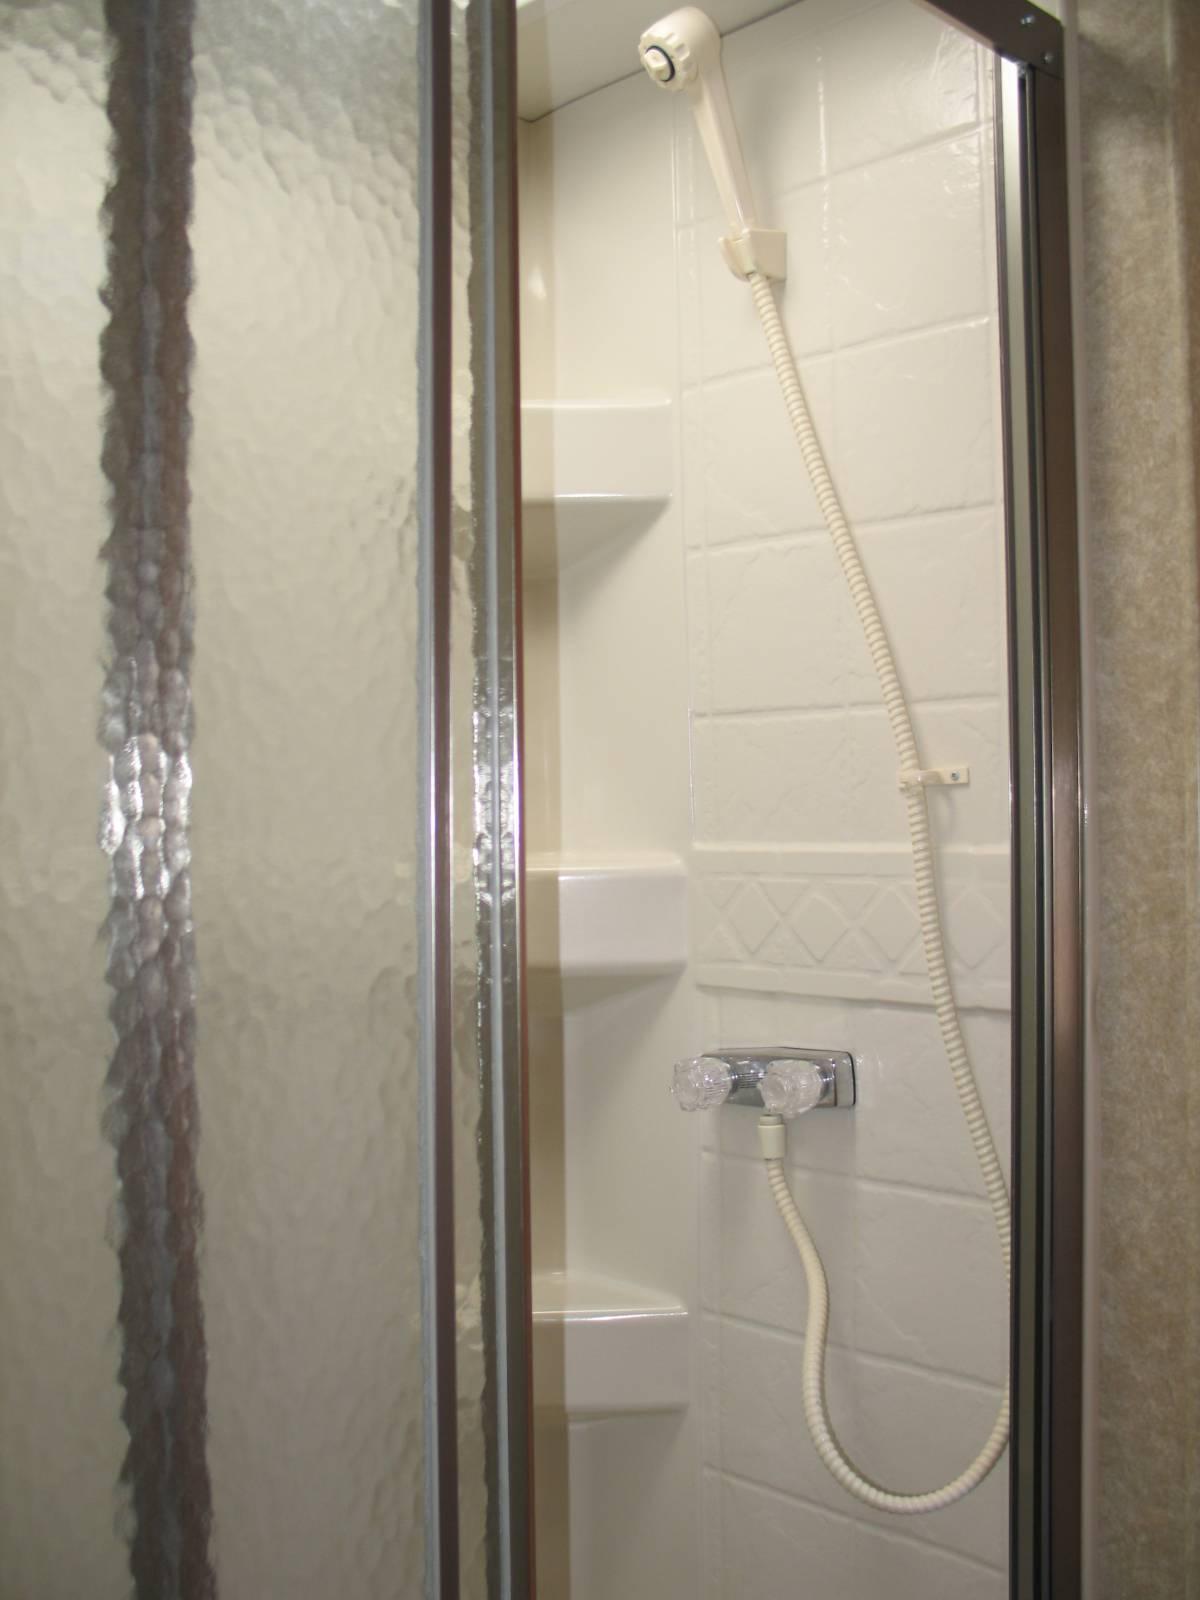 fixing door a doors leaky rv youtube glass shower watch